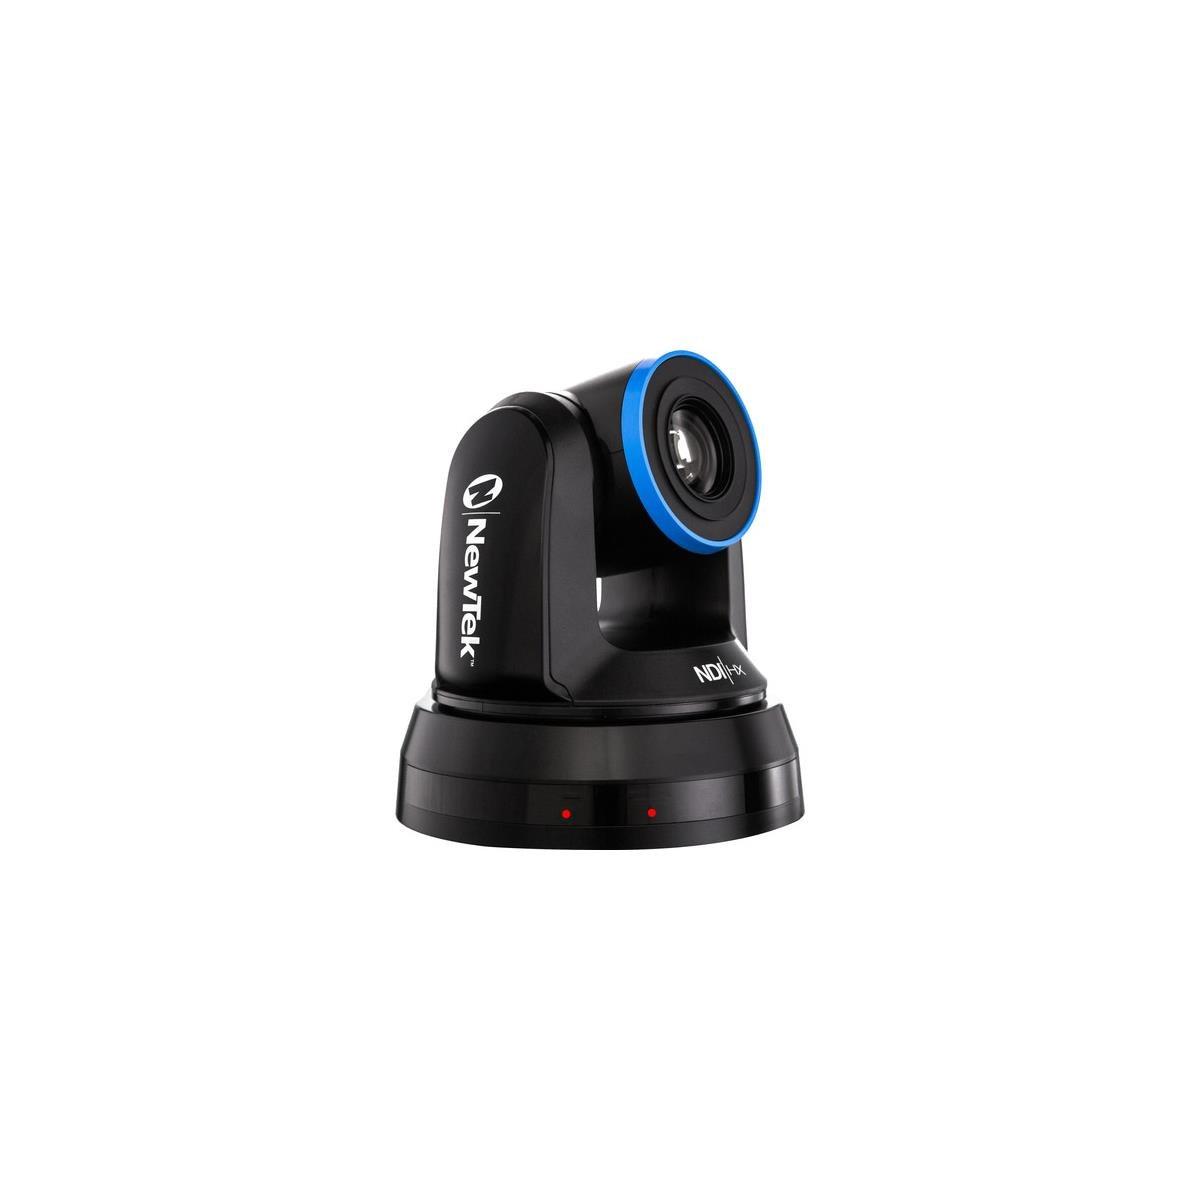 NewTek NDIHX-PTZ1 NDI PTZ Camera - With NewTek Connect Spark HDMI, Cleaning Kit